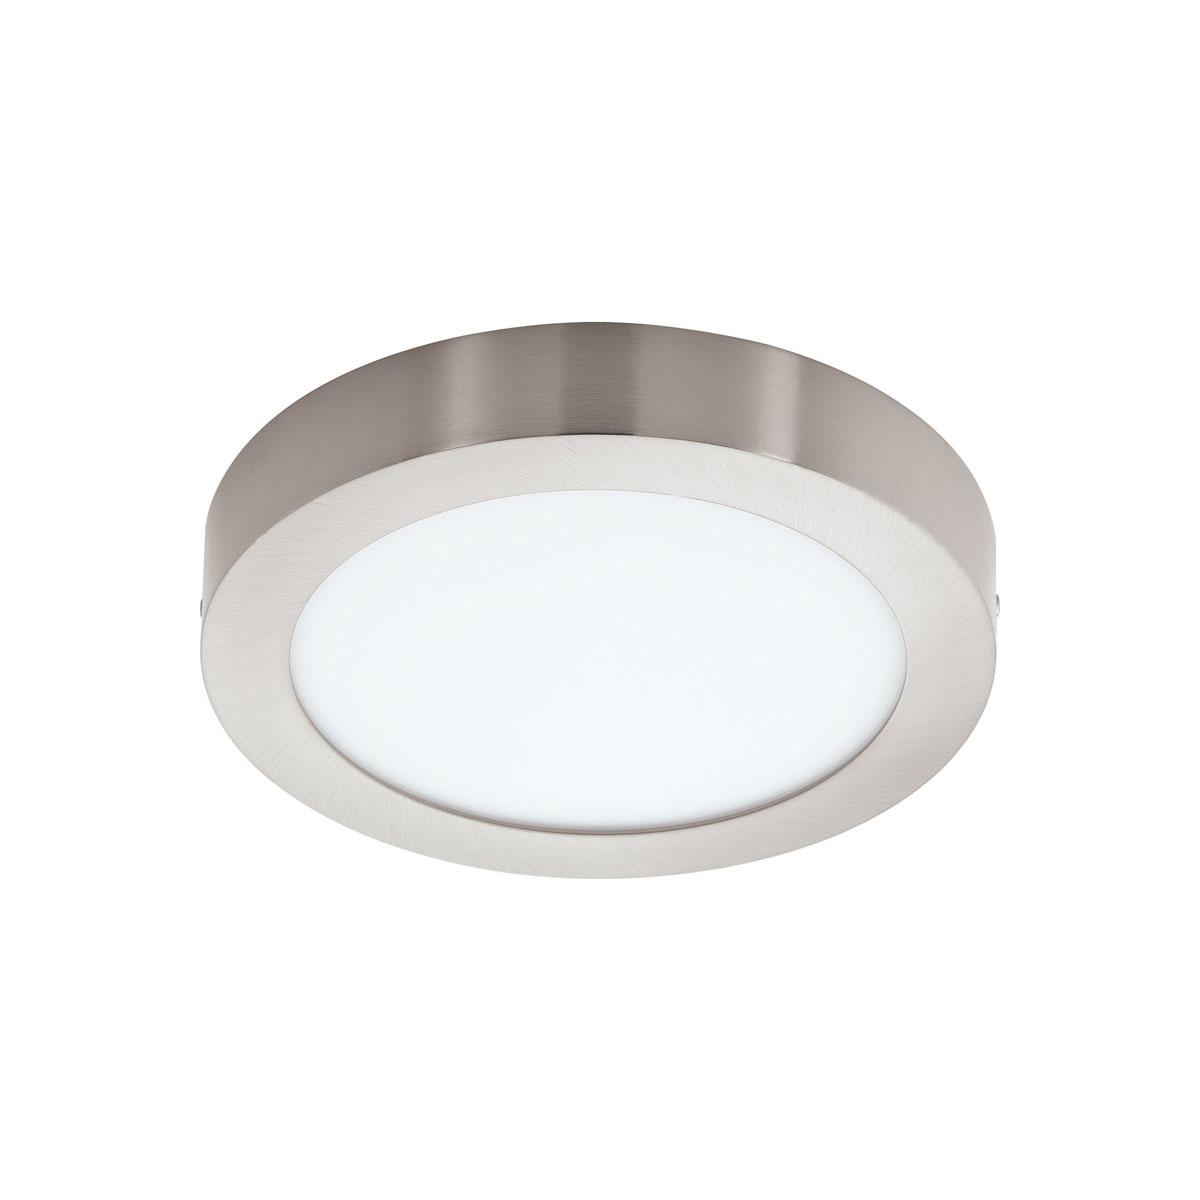 """Deckenleuchten - LED Deckenleuchte """"Fueva C"""", Ø30cm, silber silber  - Onlineshop Hellweg"""